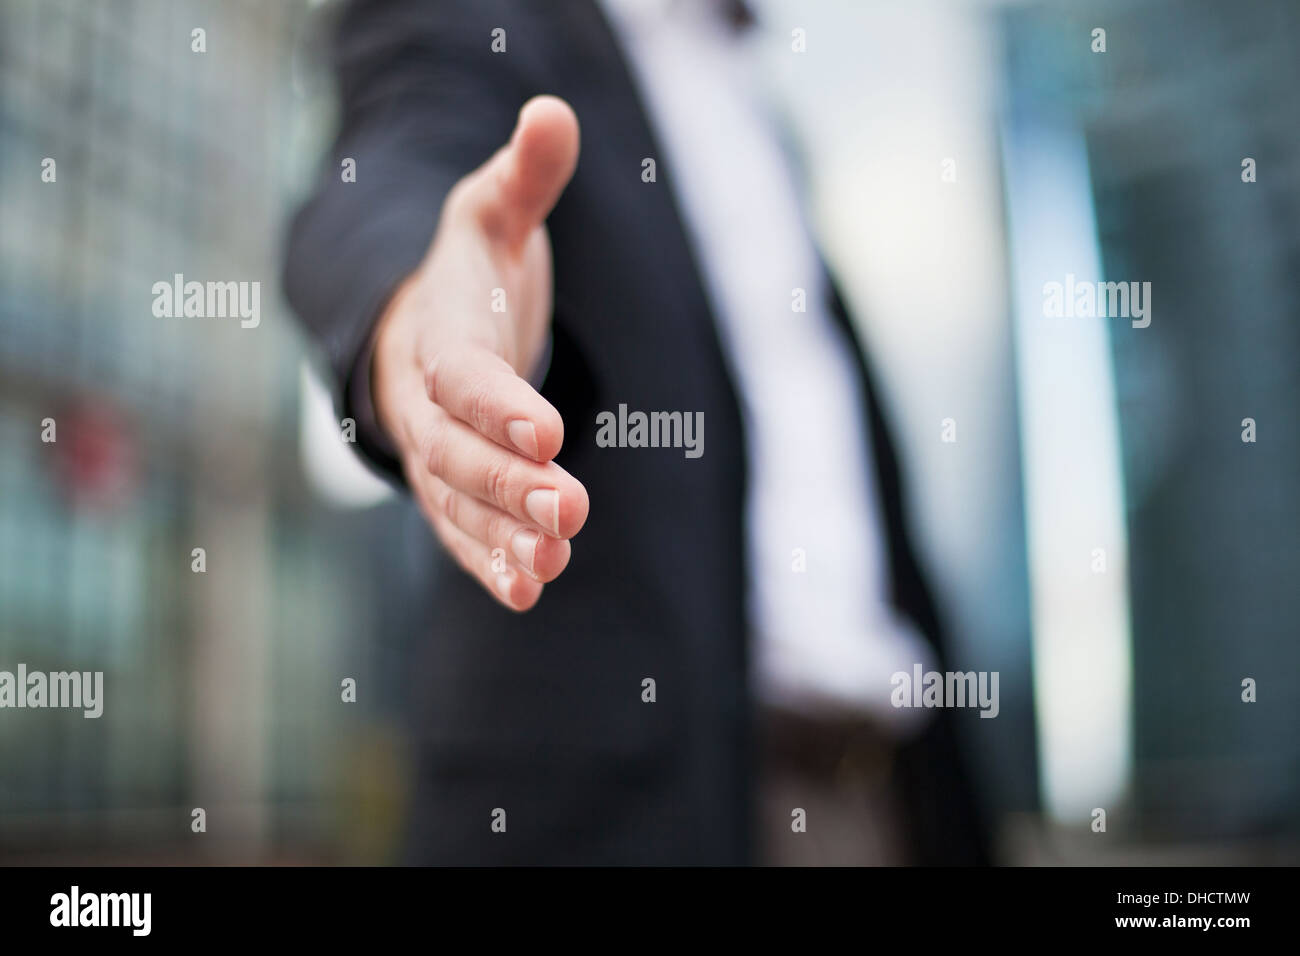 Uomo d'affari offrendo per stretta di mano su edifici per uffici sfondo Immagini Stock